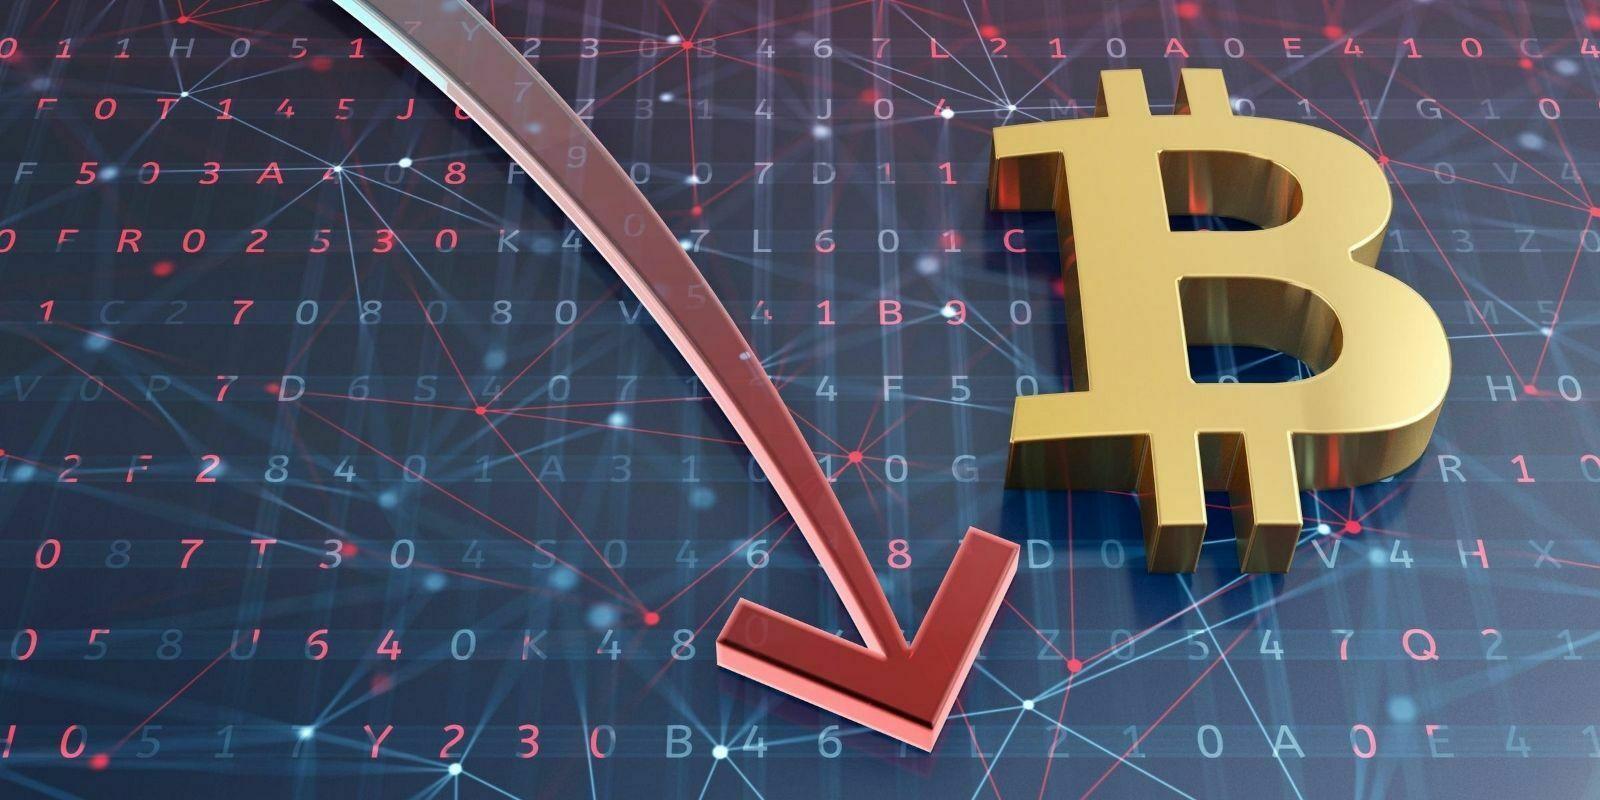 Le Bitcoin chute aux 10 000$ et provoque un bain de sang pour les altcoins